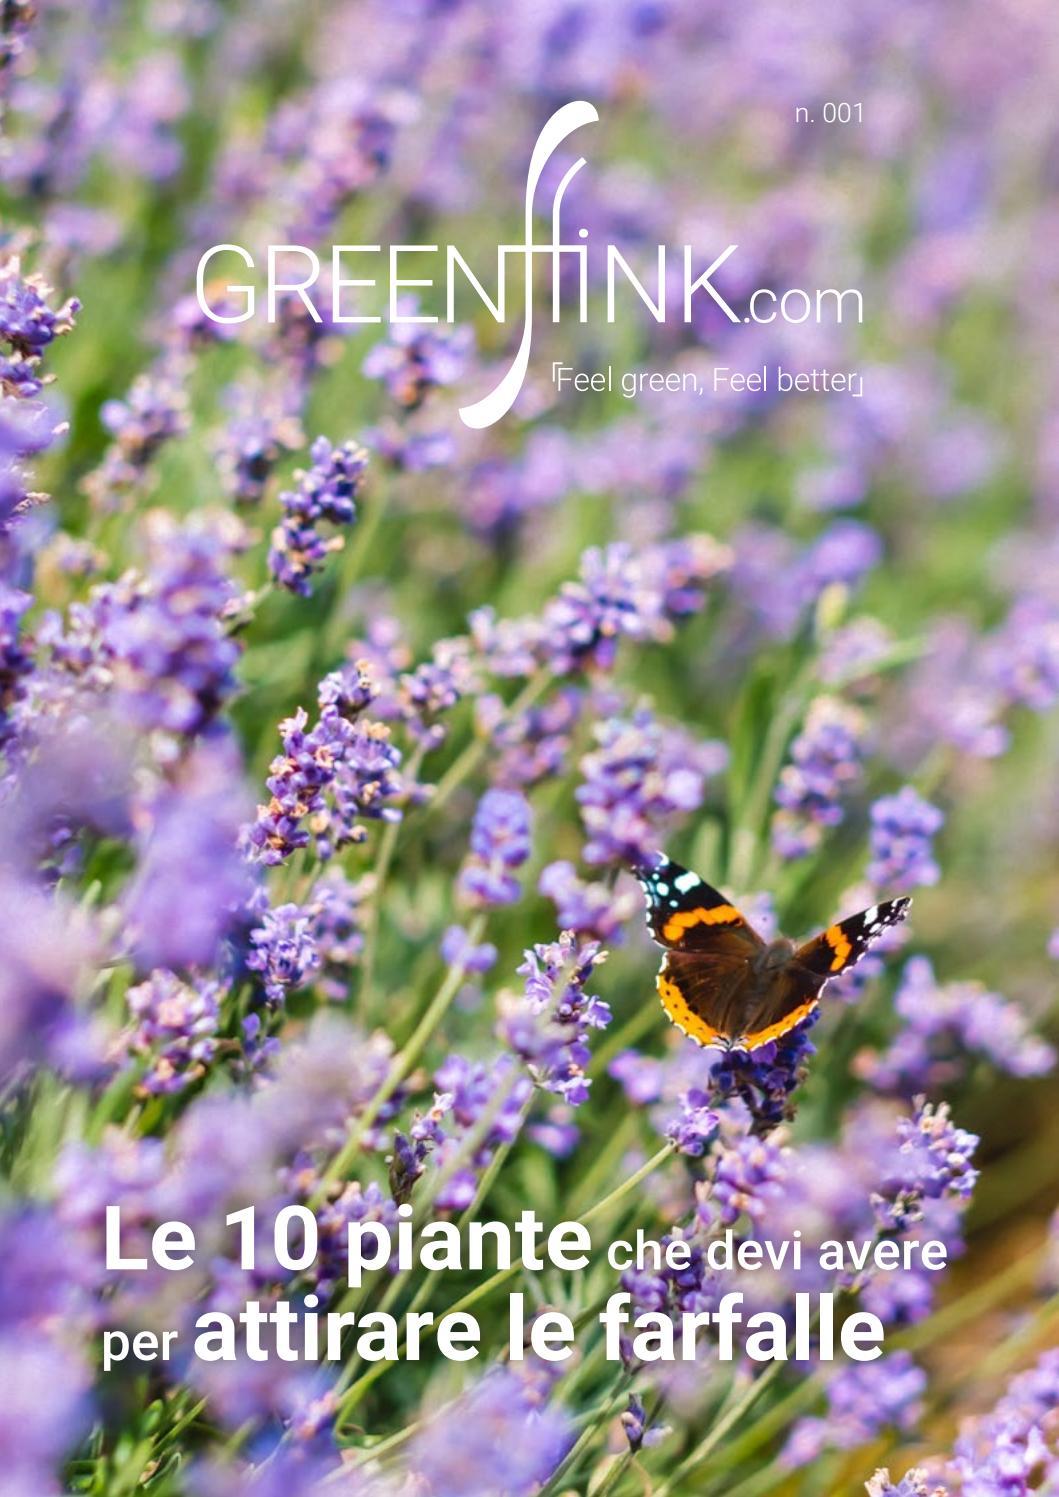 Piante Erbacee Perenni Da Ombra le dieci piante che devi avere per attirare le farfalle by